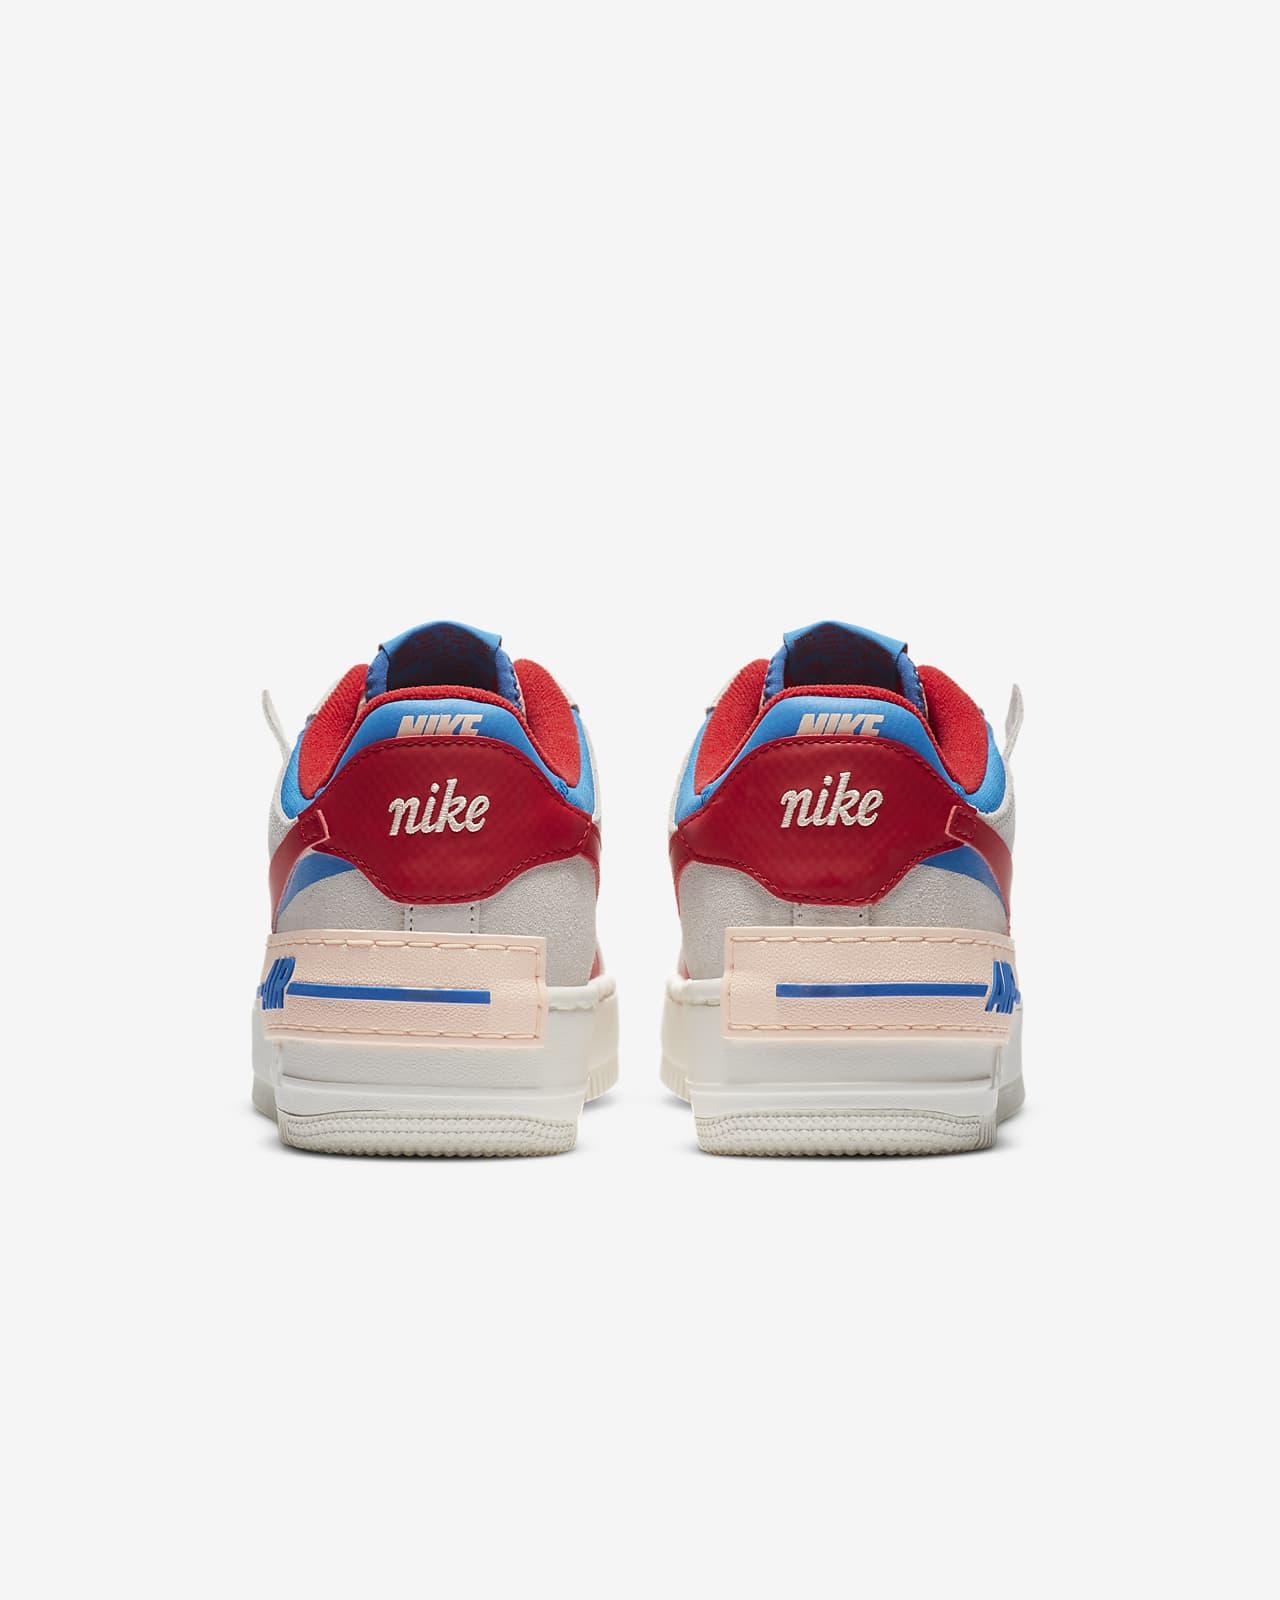 Calzado Para Mujer Nike Air Force 1 Shadow Nike Com Nike air force 1 shadow, zapatillas deportivas mujer, photon dust royal pulse barely volt, 38 eu. calzado para mujer nike air force 1 shadow